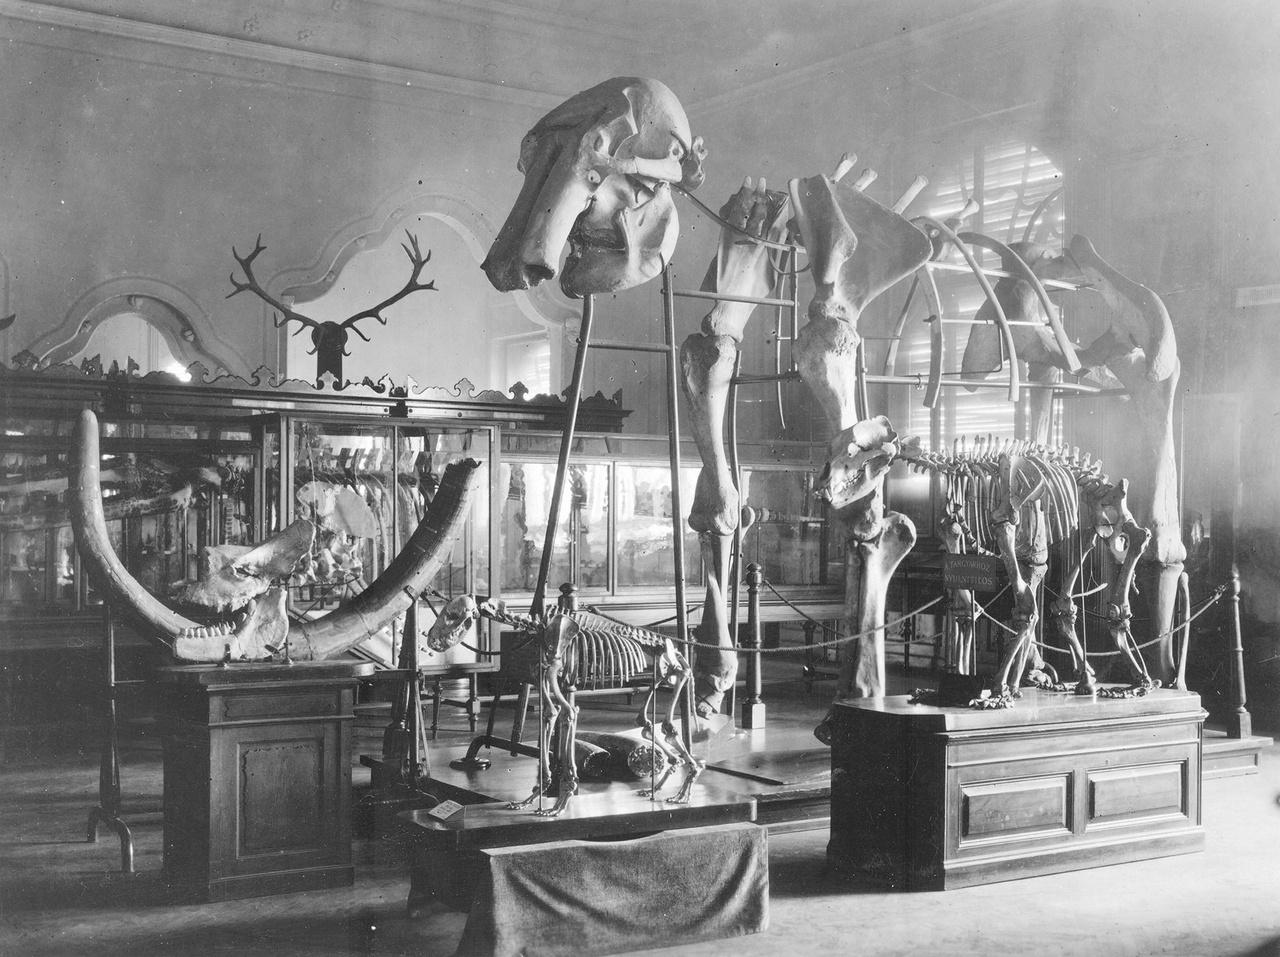 A Földtani Intézet múzeumának kiállítása az 1900-as évek elején. A múzeum 1900-ban nyitotta meg kapuit a nagyközönség előtt, egyik legelső látogatója maga Ferencz József volt, aki az épület átadásakor tekintette meg a kiállítást. A korabeli lapok megemlékeztek róla, hogy a király a tervezett negyedóra helyett háromnegyed órát töltött az intézetben, annyira érdekelte őt a tárlat.